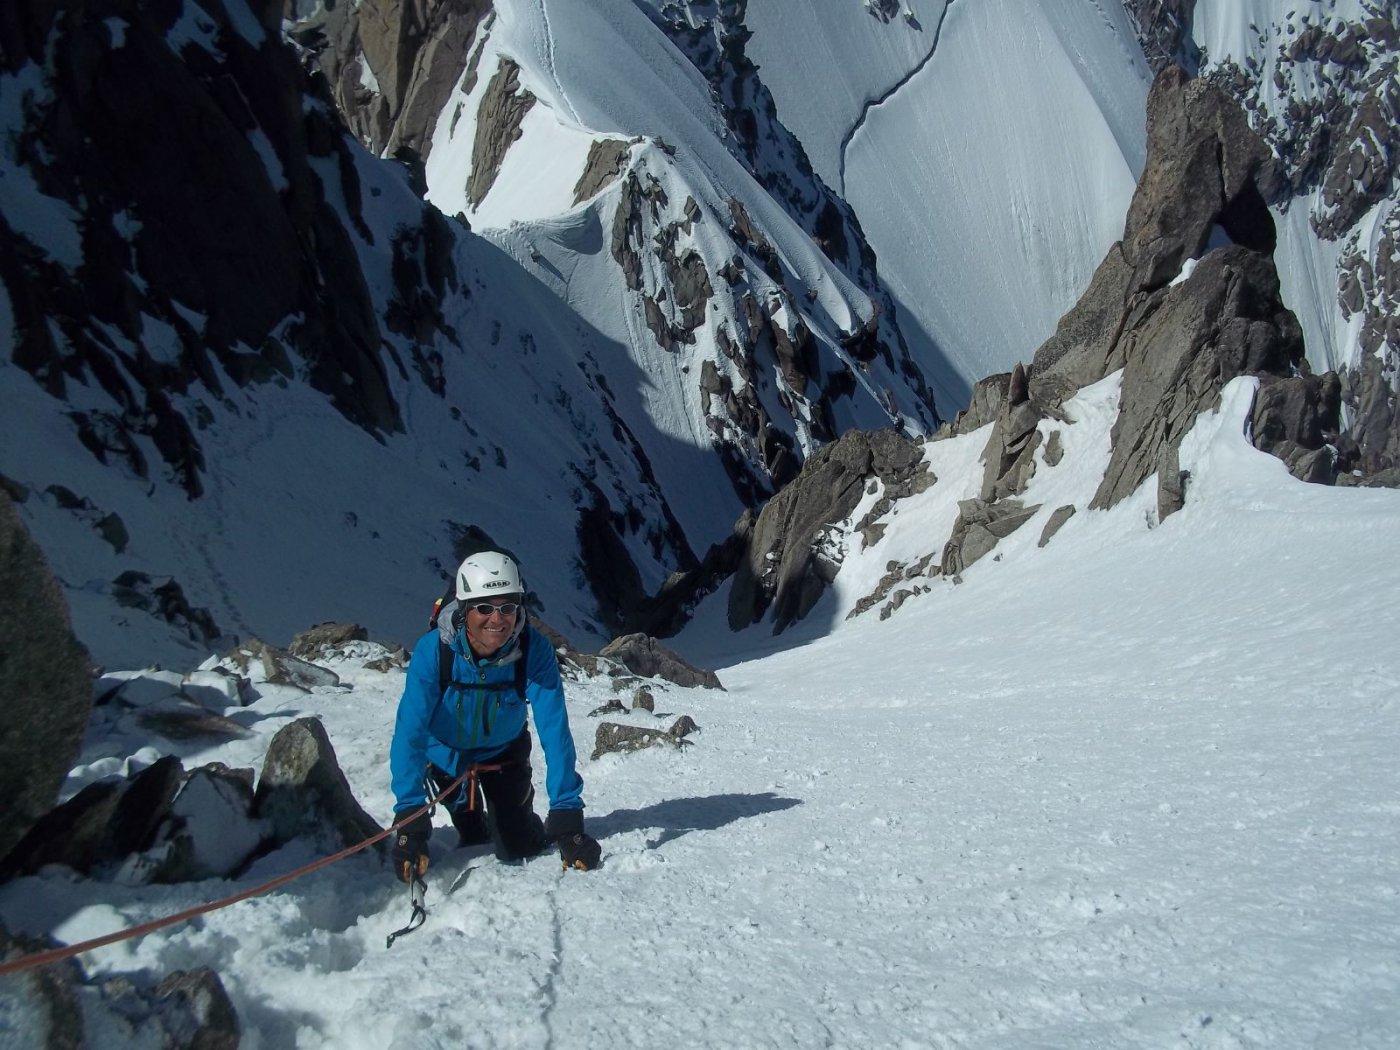 Plan (Aiguille du) Cresta Aiguille du Midi - Aiguille du Plan 2015-06-07